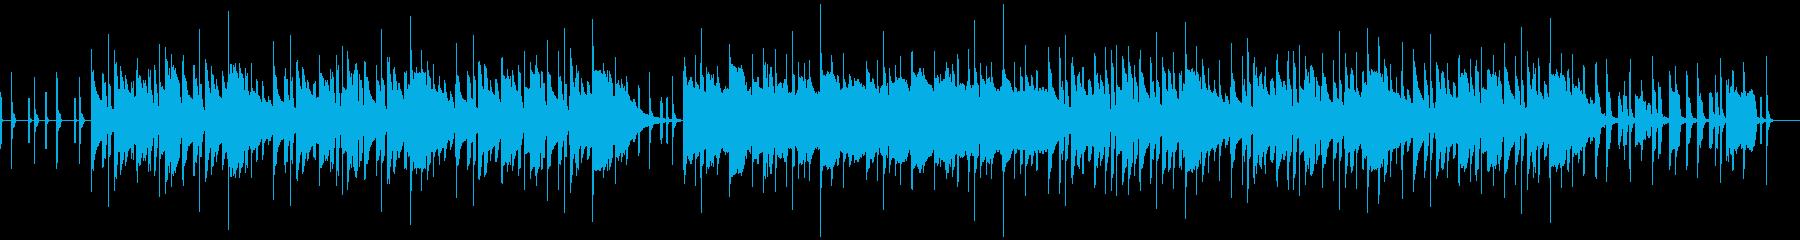 口笛によるのんびり日常曲の再生済みの波形